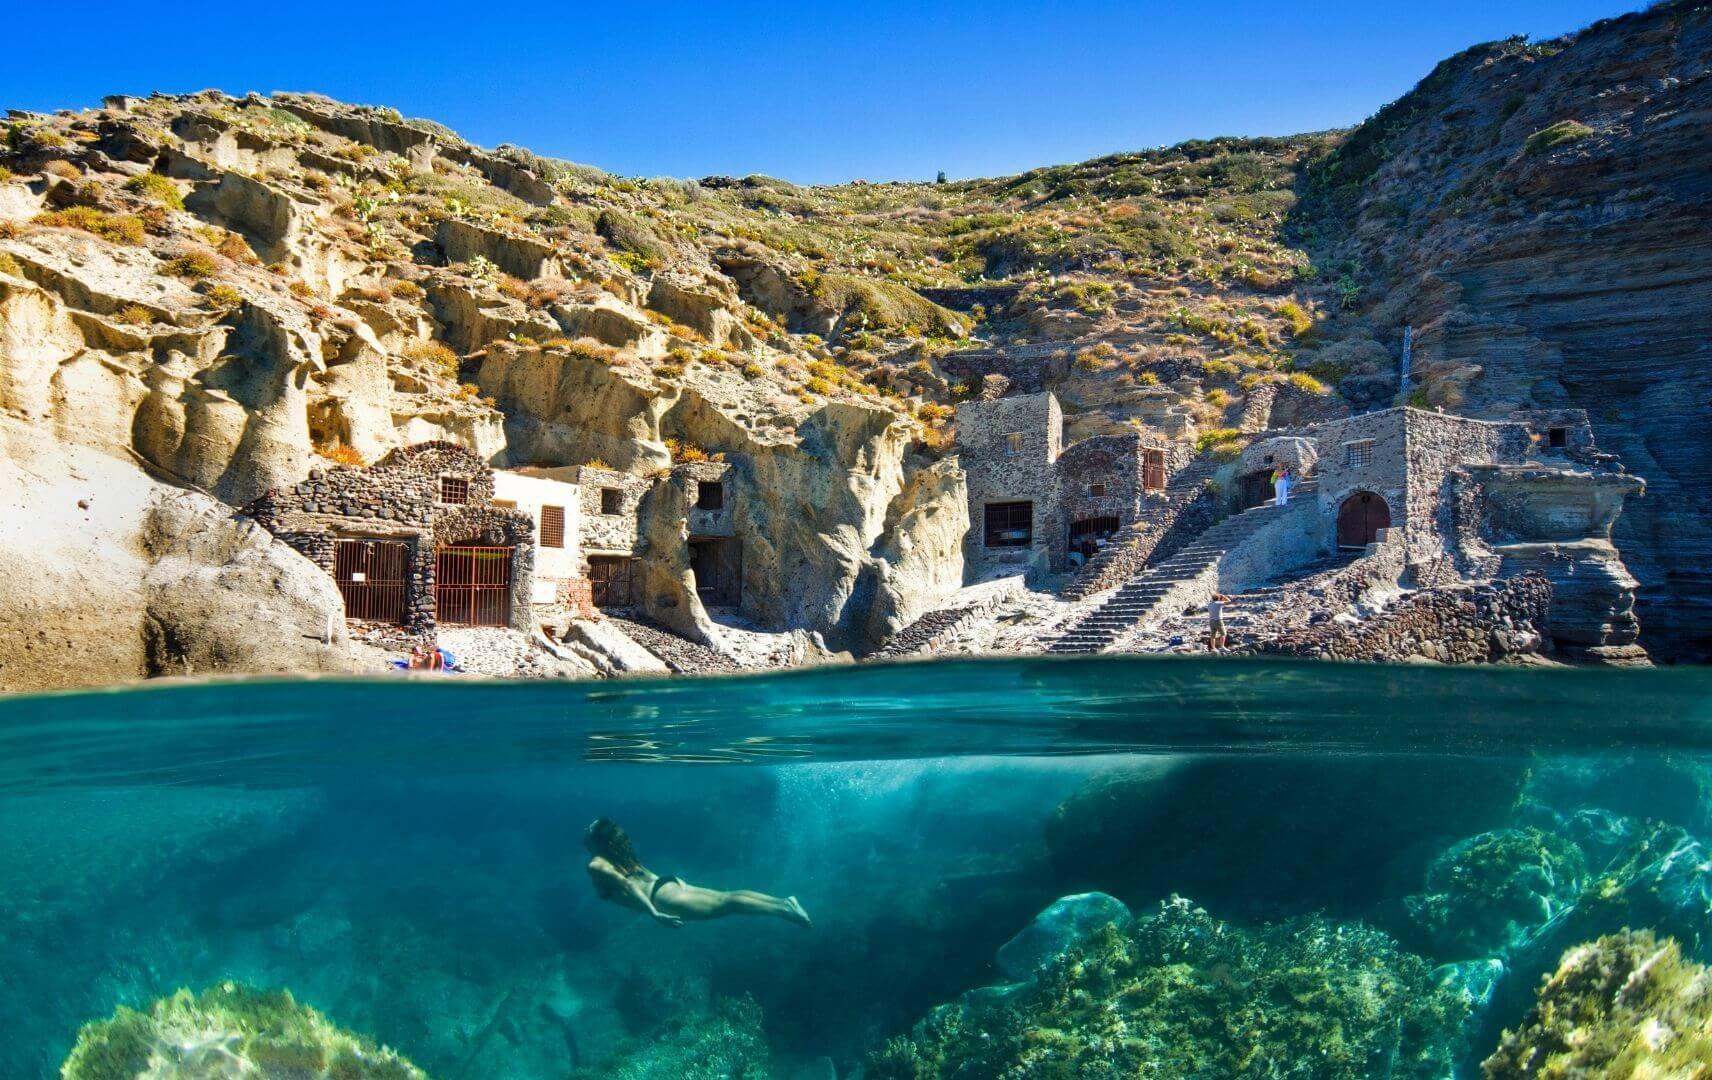 Frau taucht im Wasser, Sizilien